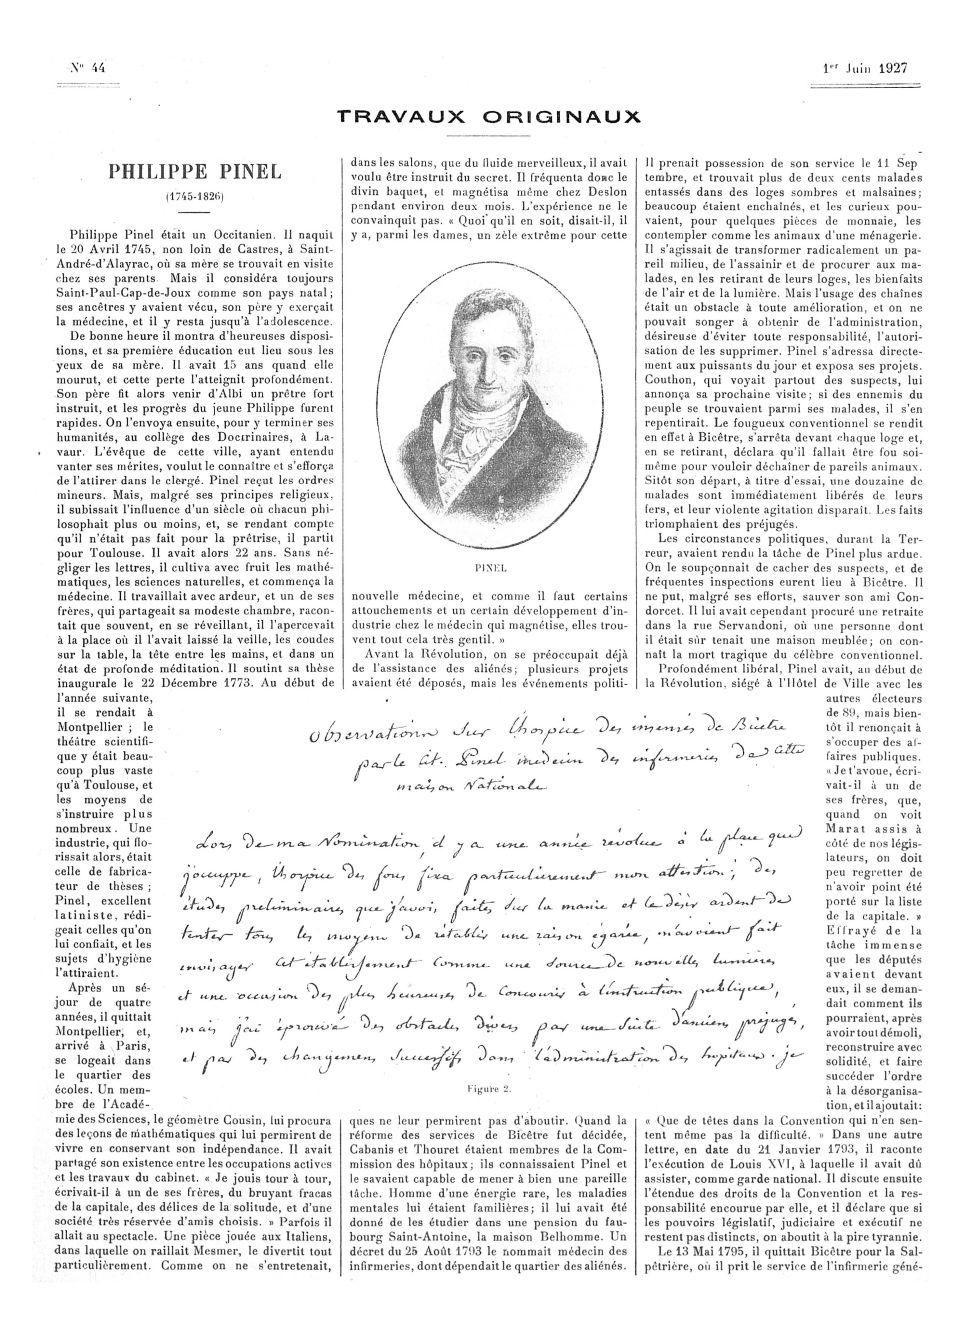 Pinel / Figure 2. Document autographe de Pinel - La Presse médicale - [Articles originaux] -  - med100000x1927xartorigx0693